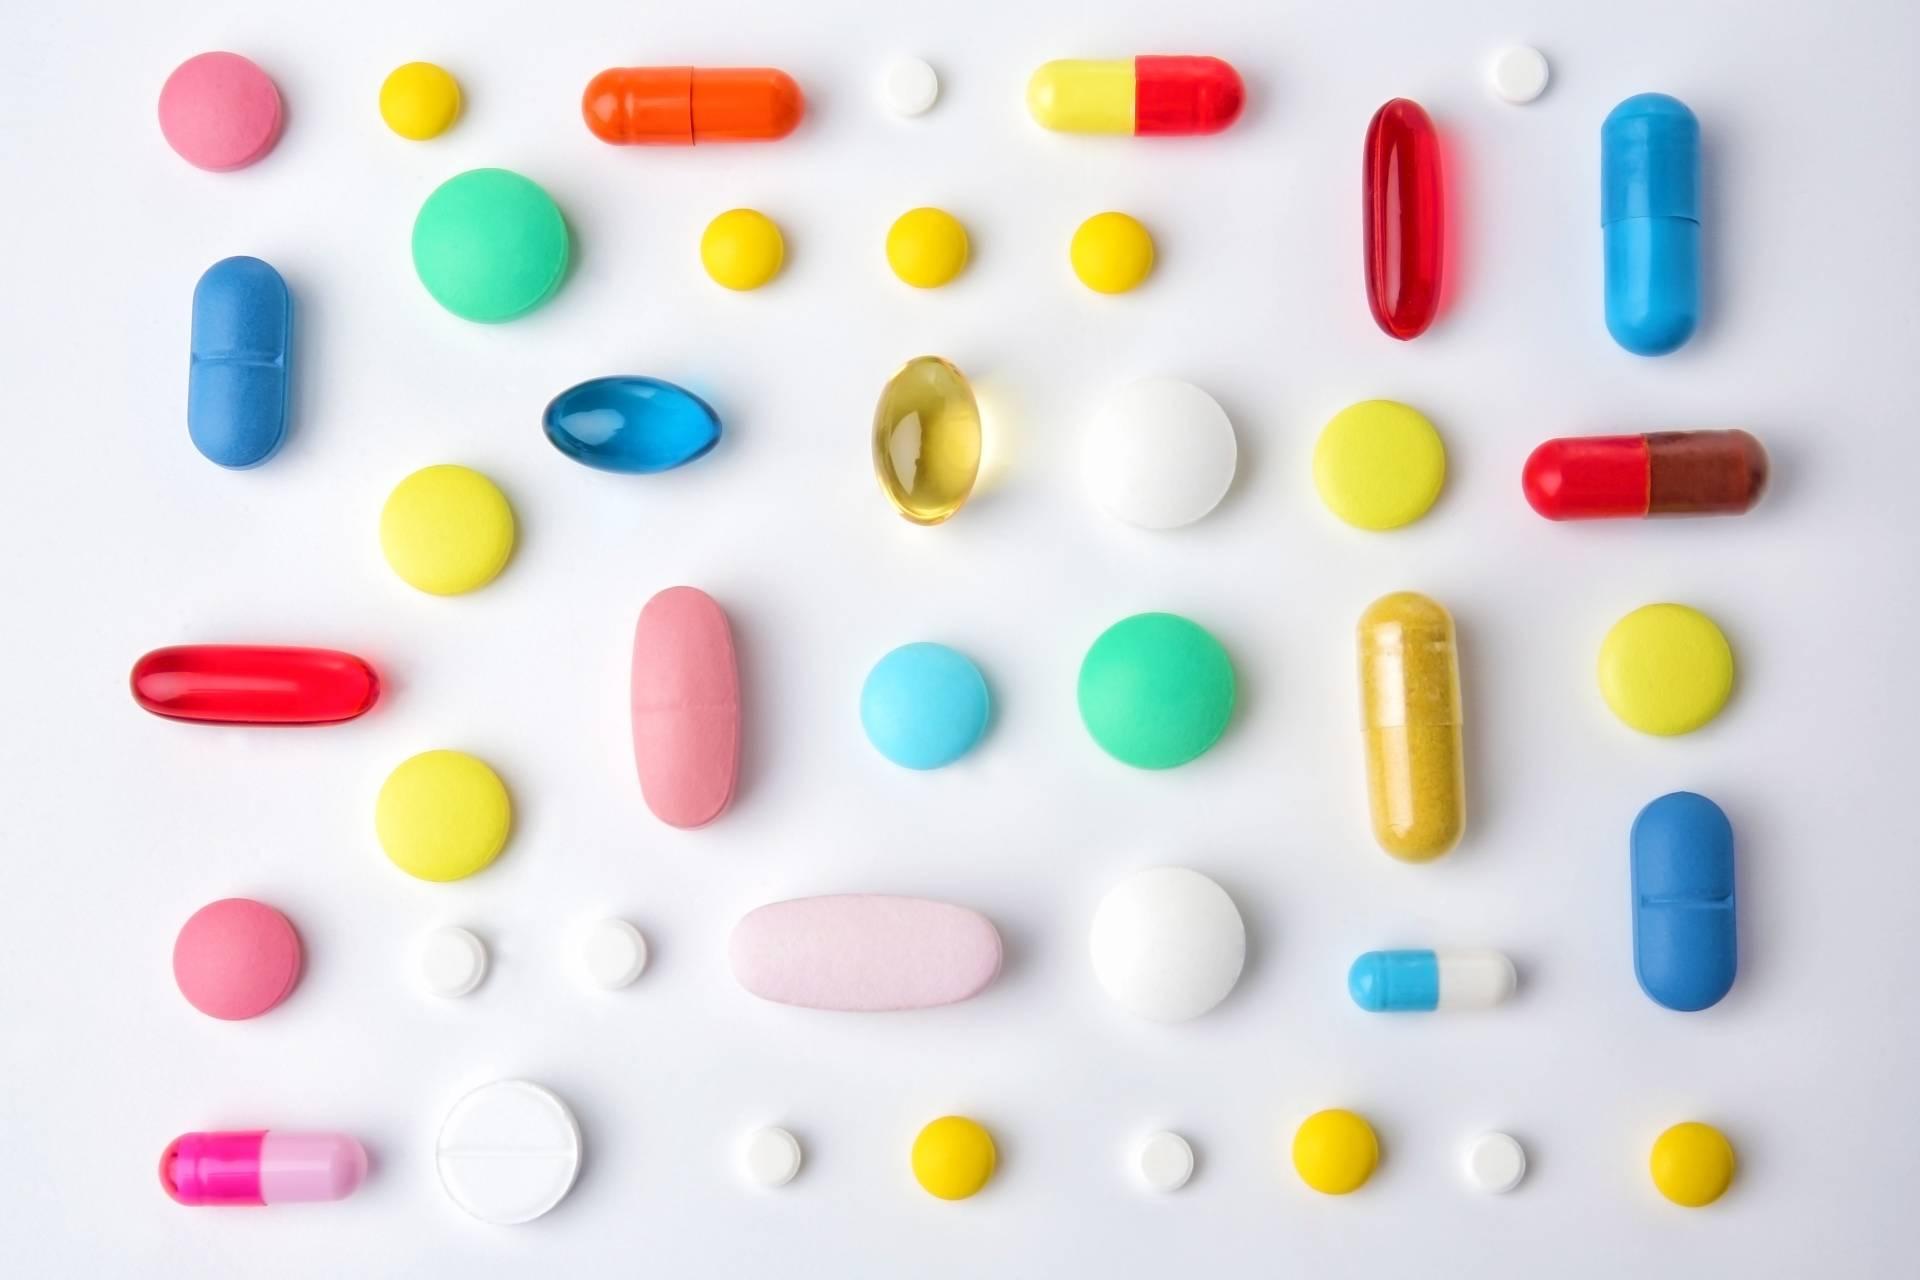 Co to są probiotyki? Które szczepy bakterii są probiotyczne? Kolorowe pigułki w różnym kształcie leżą na białym blacie.